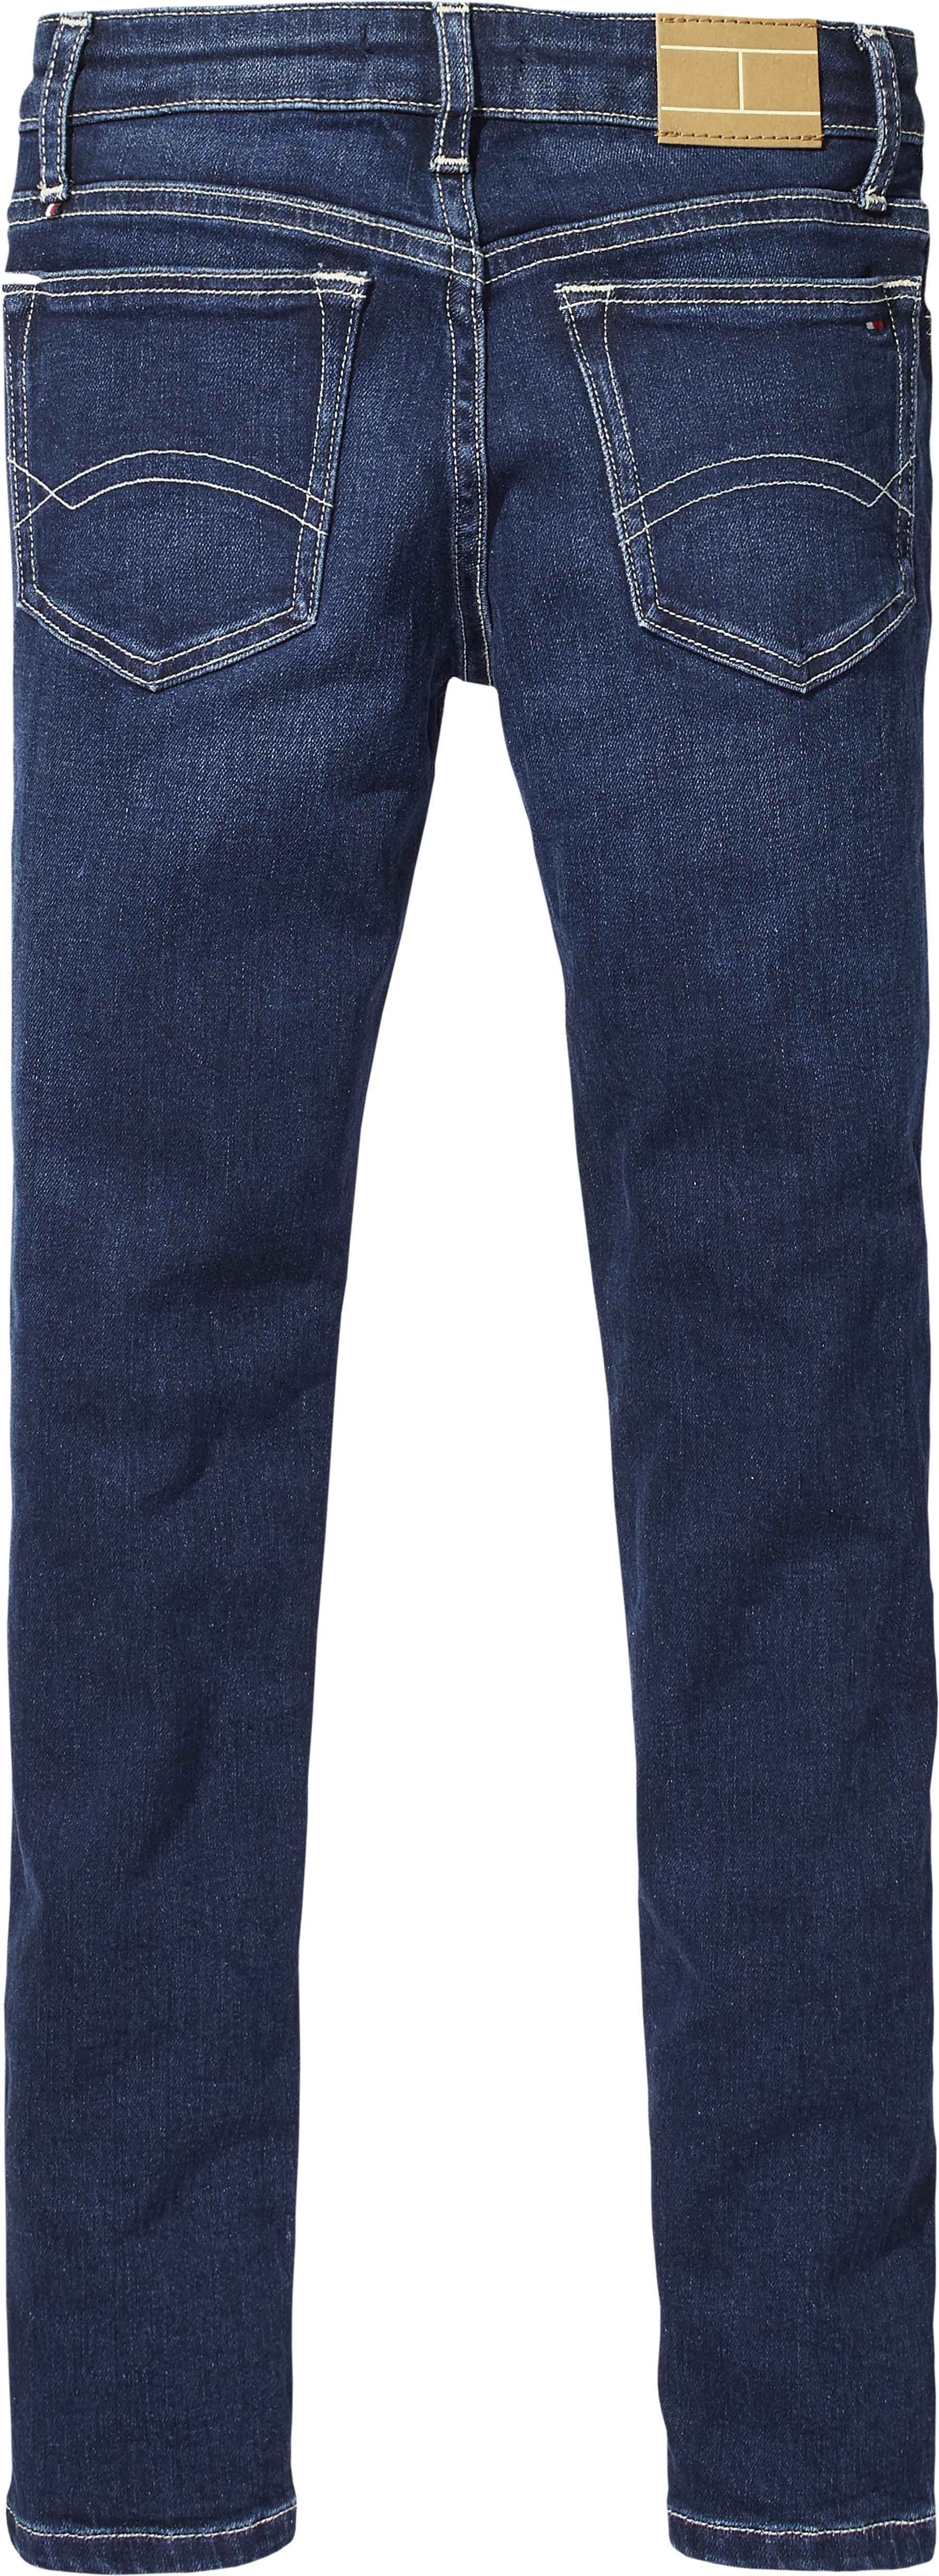 Tommy Hilfiger Nora skinny jeans, mørkeblå, 9 mdr.